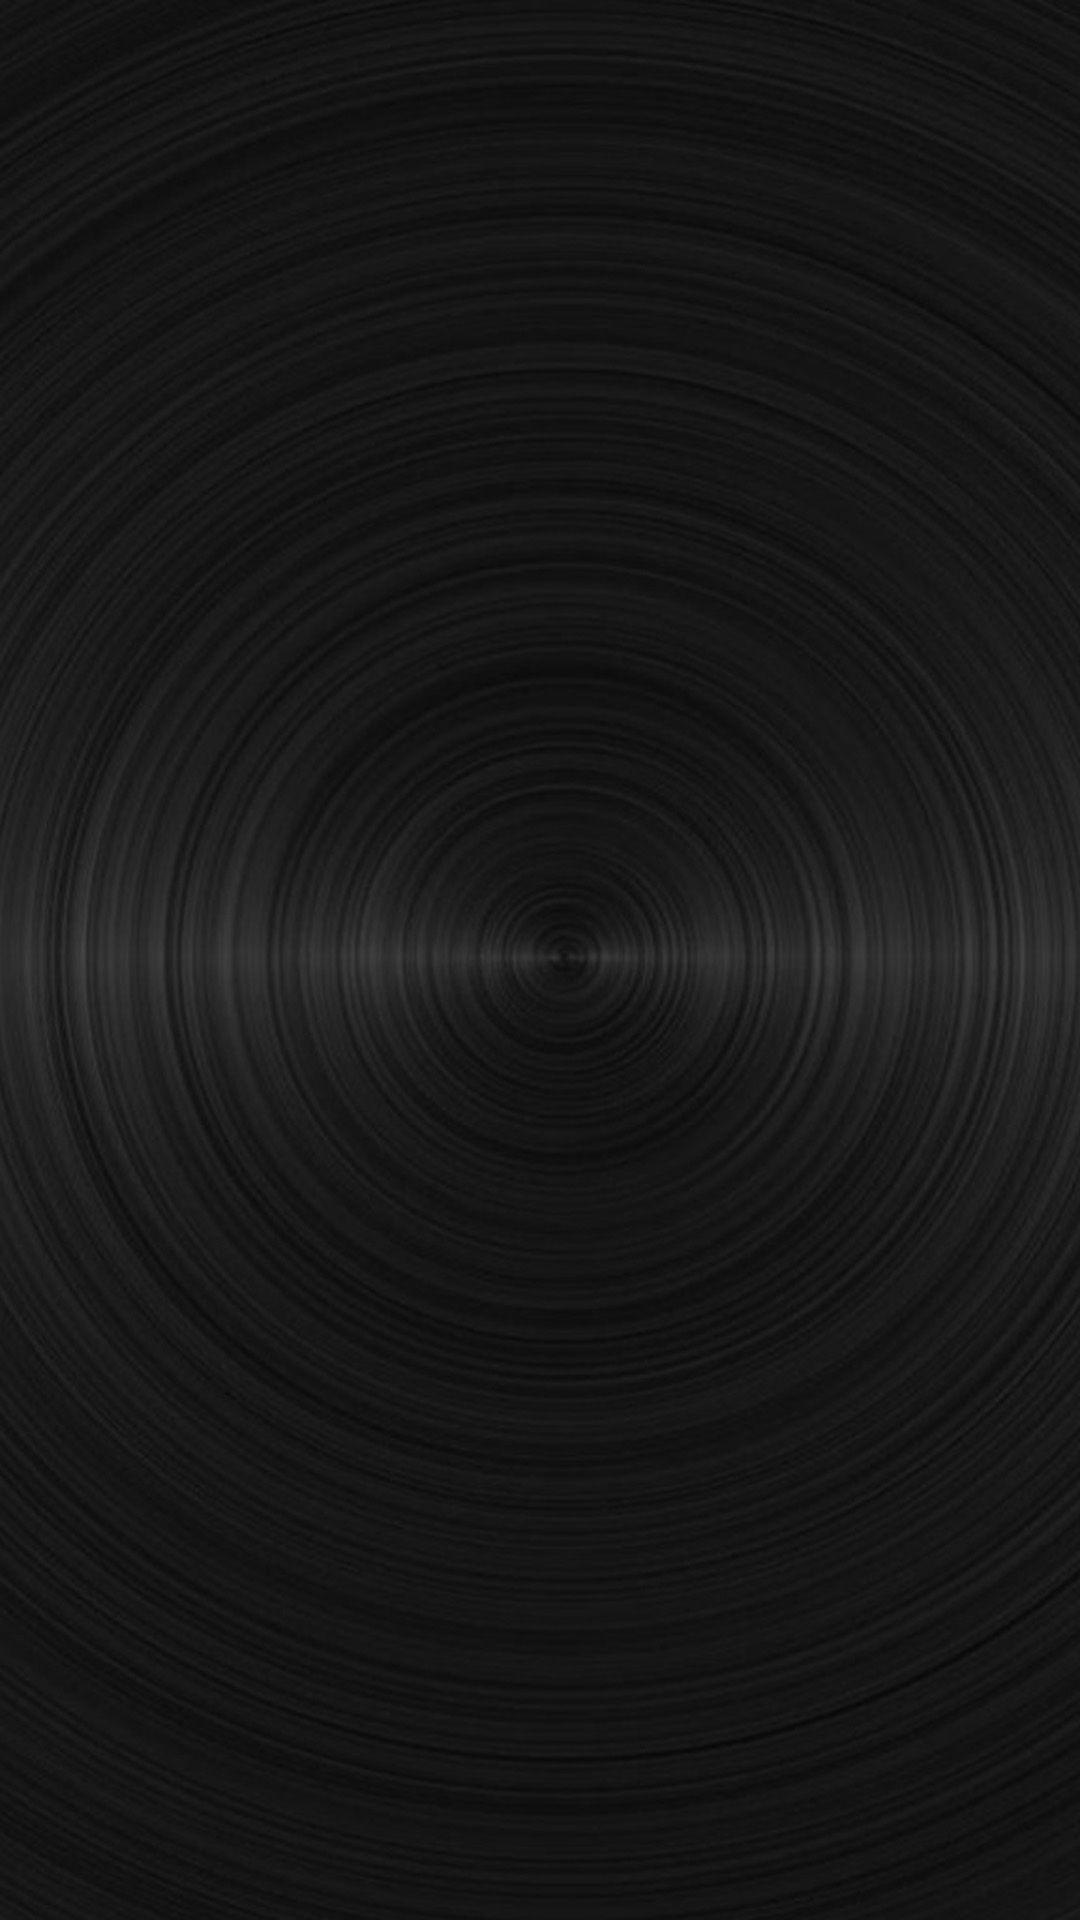 black quenalbertini solid black iphone wallpaper